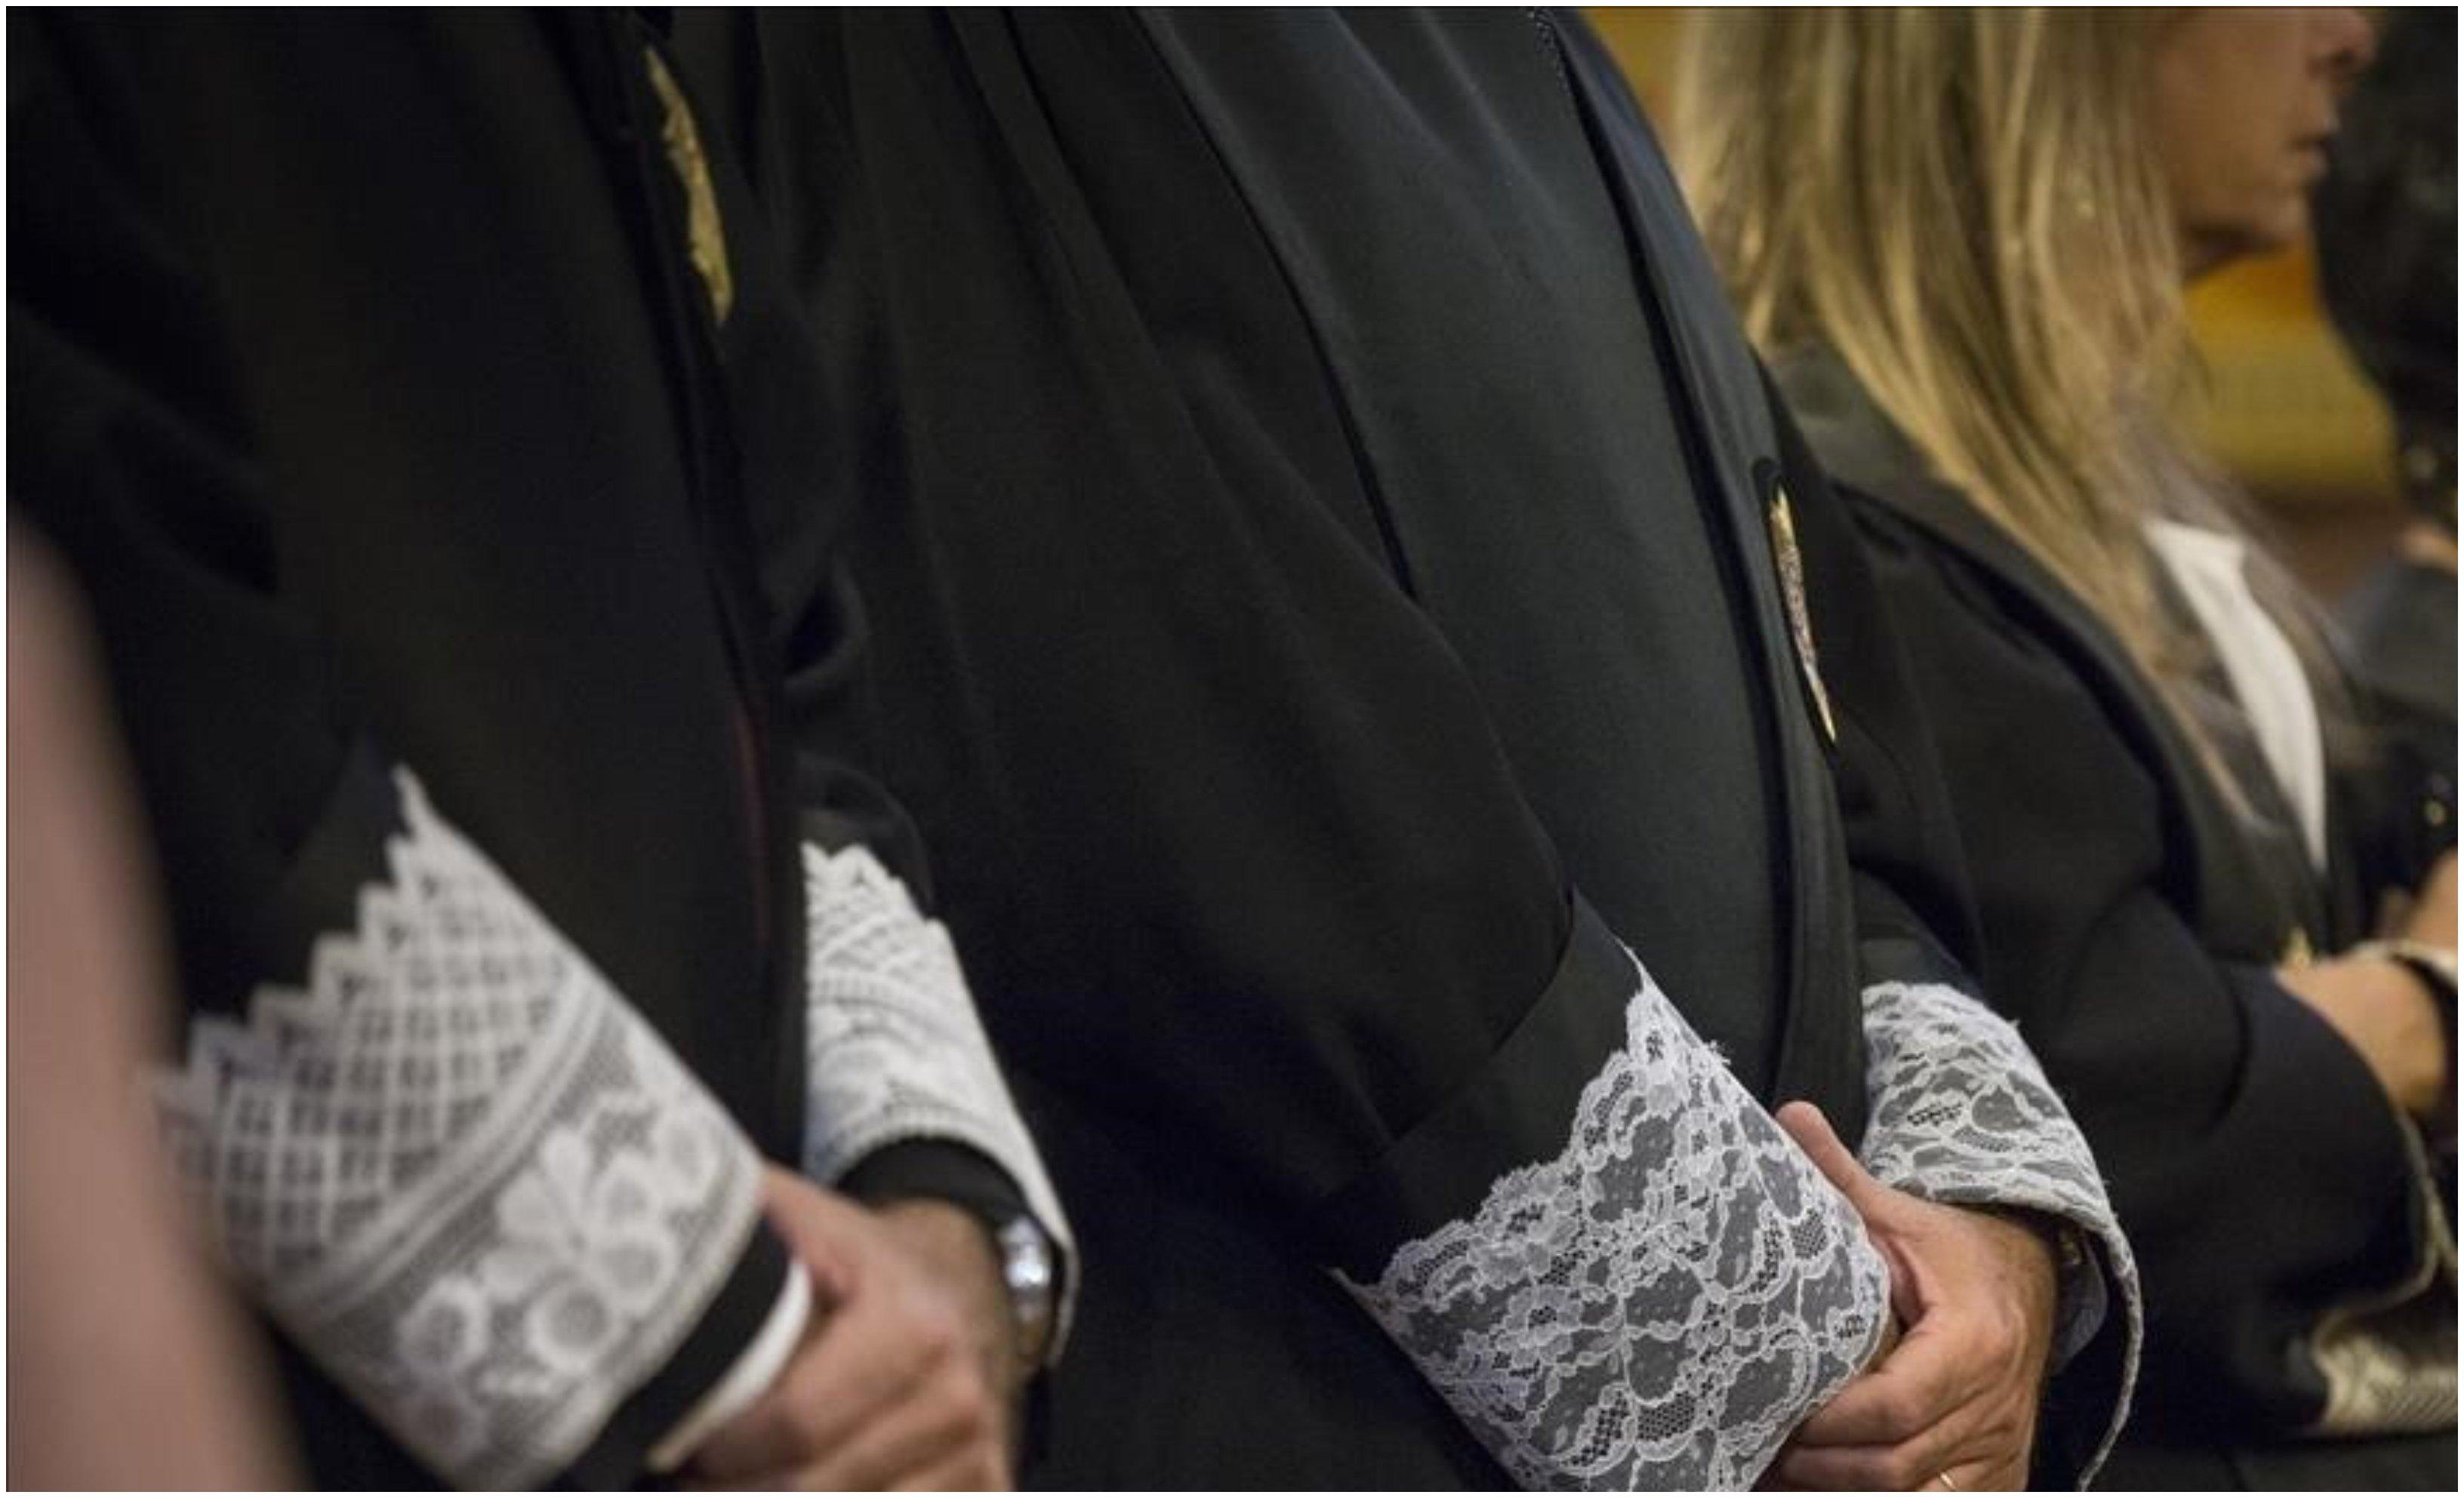 Las sentencias judiciales se han convertido en las únicas certezas